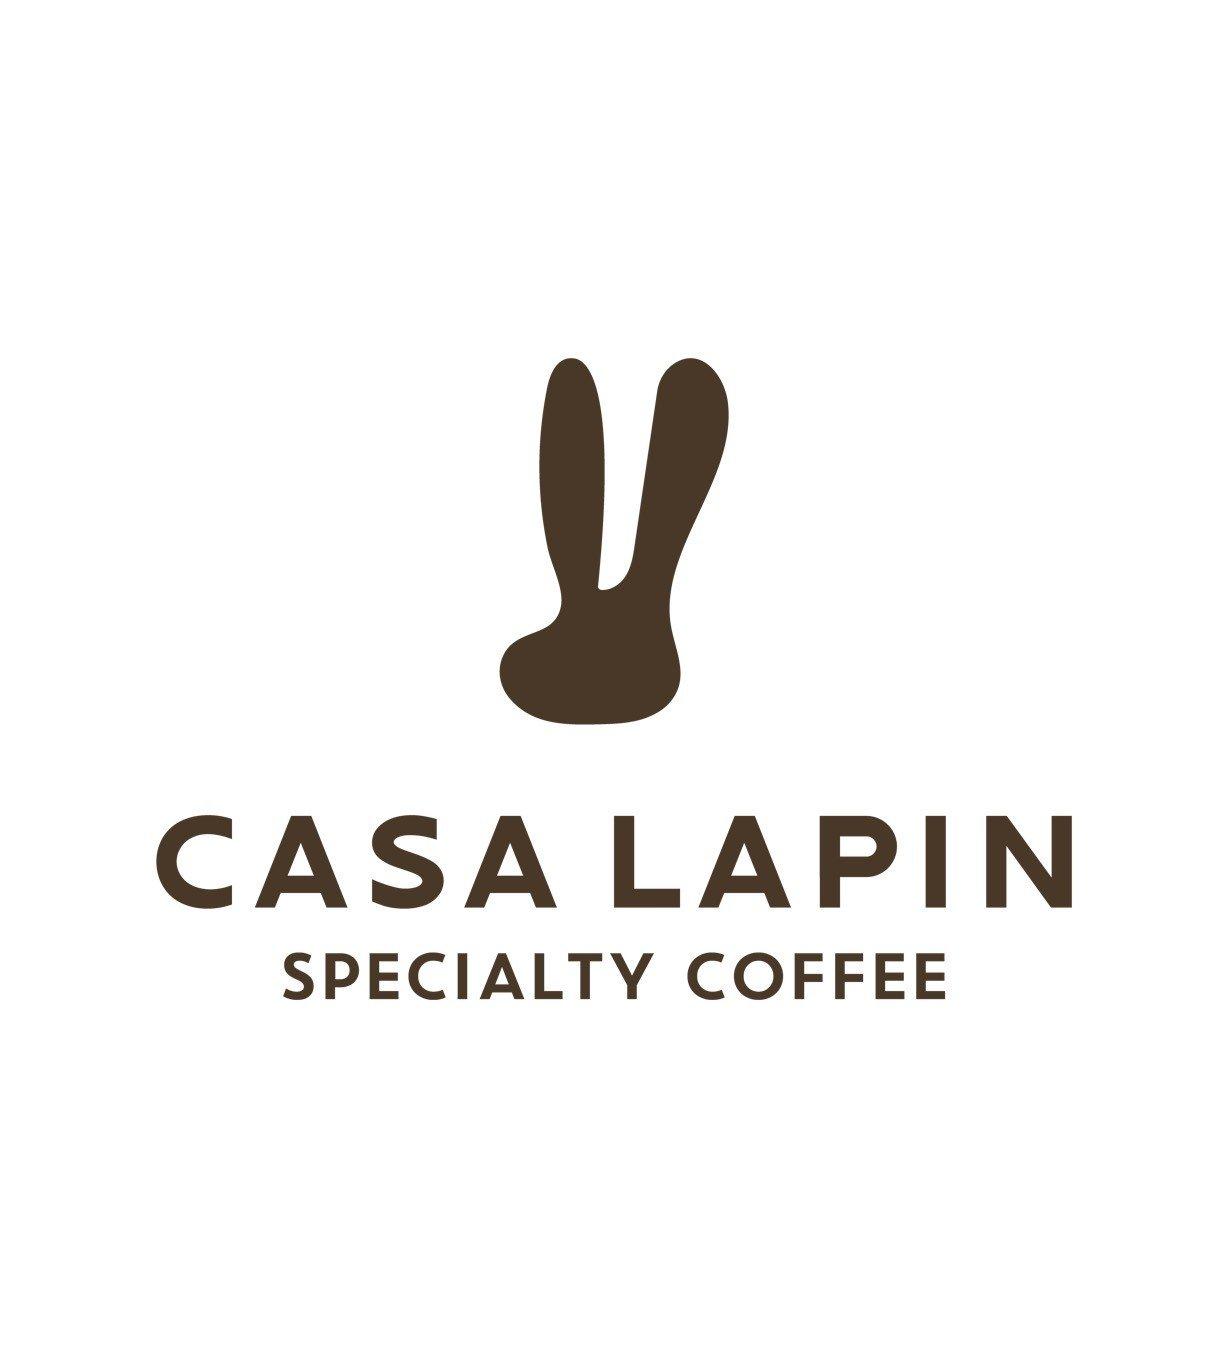 Casa Lapin (คาซ่า ลาแปง)